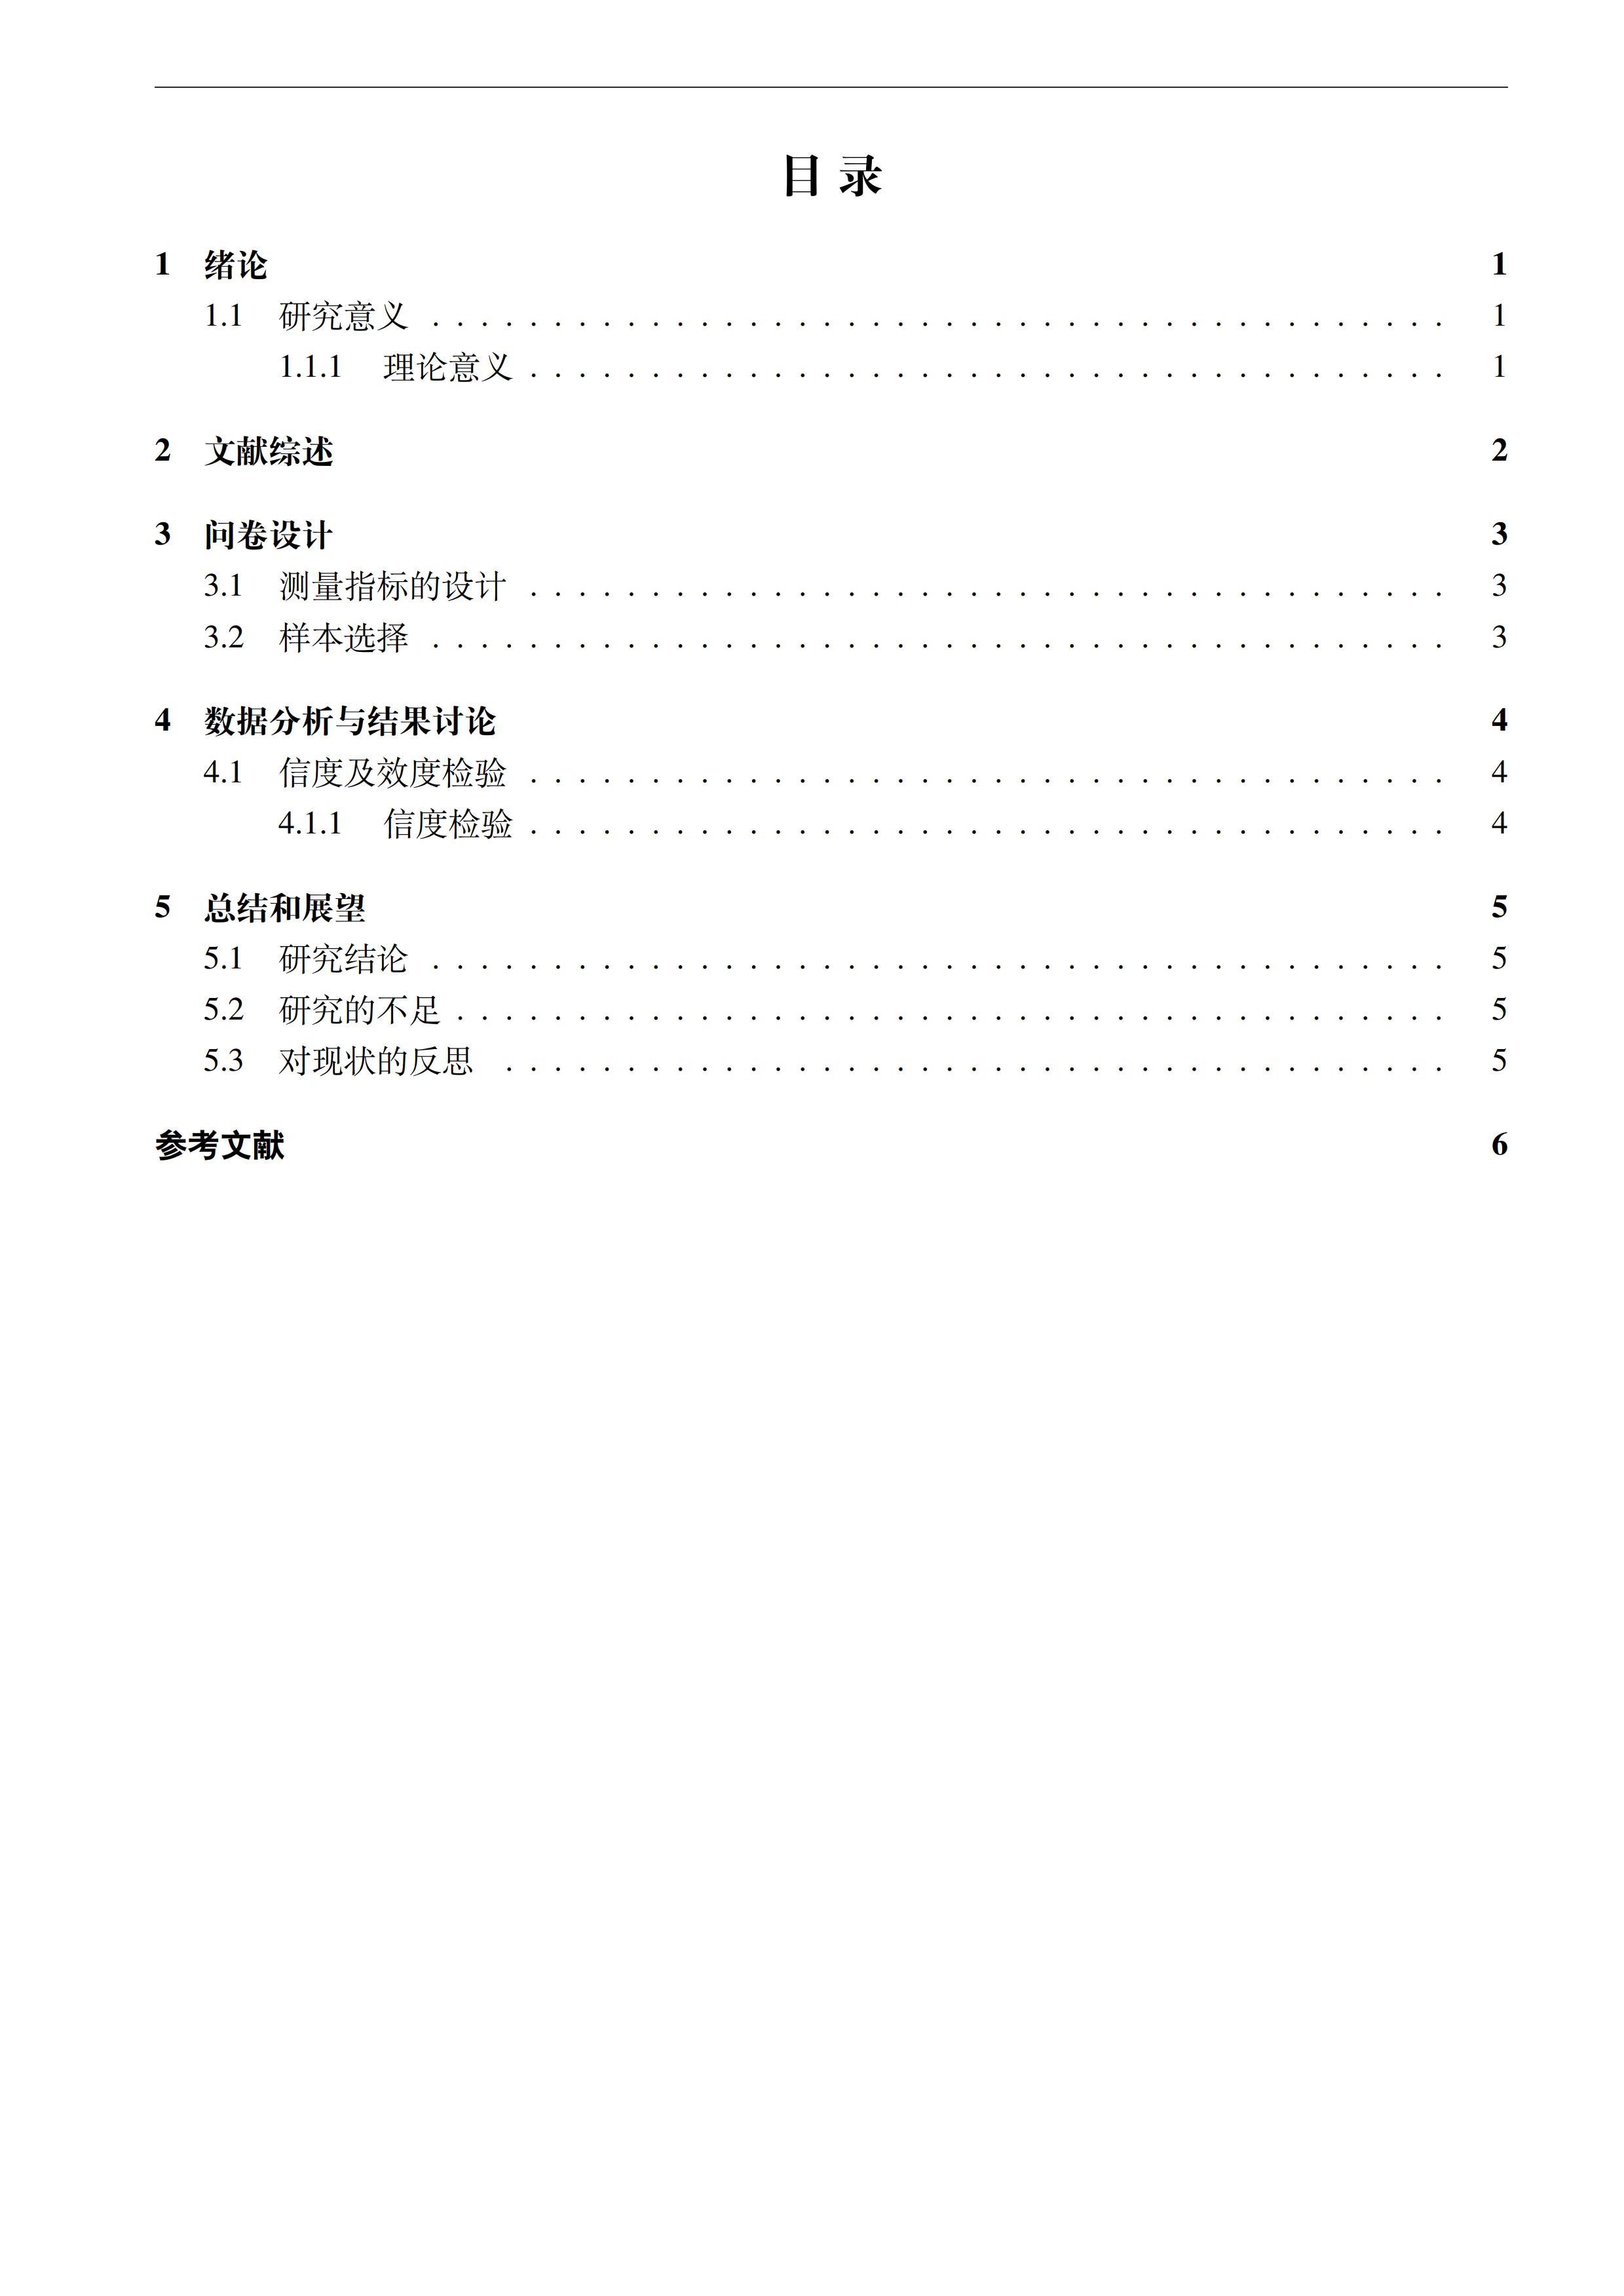 社科大的课程论文 LaTeX 模板